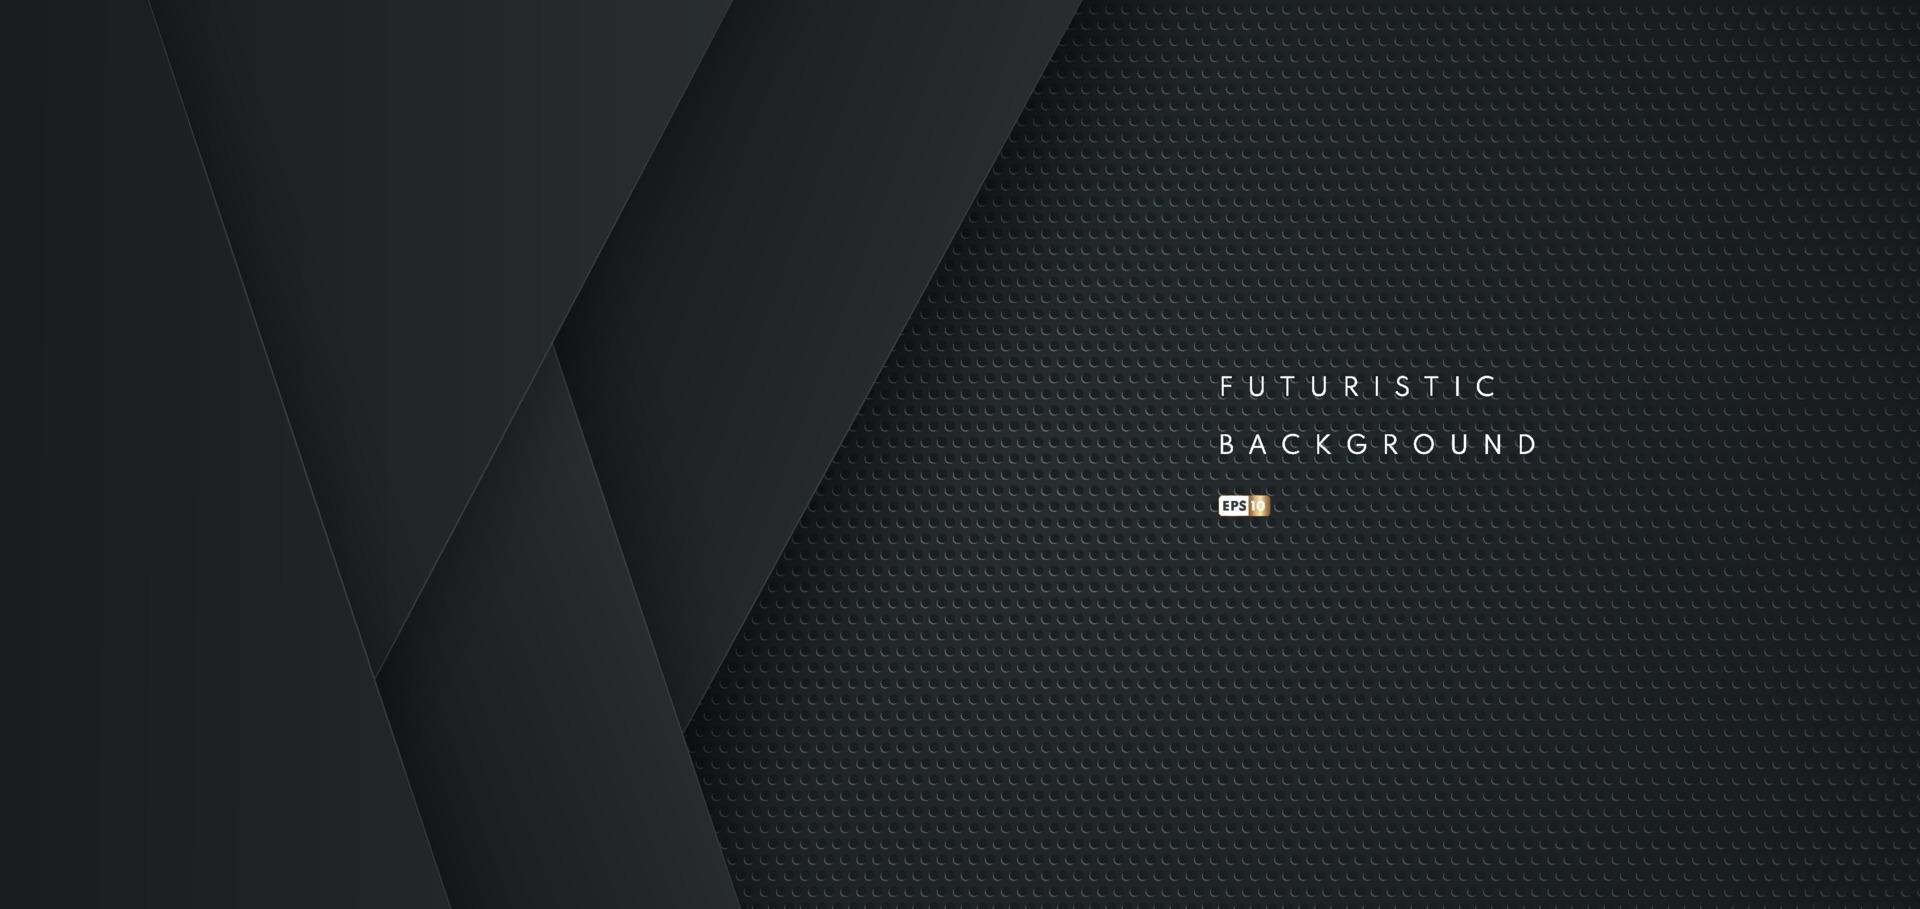 abstrakter futuristischer schwarzer geometrischer Formhintergrund mit Metallbeschaffenheit. Design für Präsentation, Banner, Cover, Web, Flyer, Karte, Poster, Spiel, Textur, Folie und Powerpoint. Vektorillustration vektor